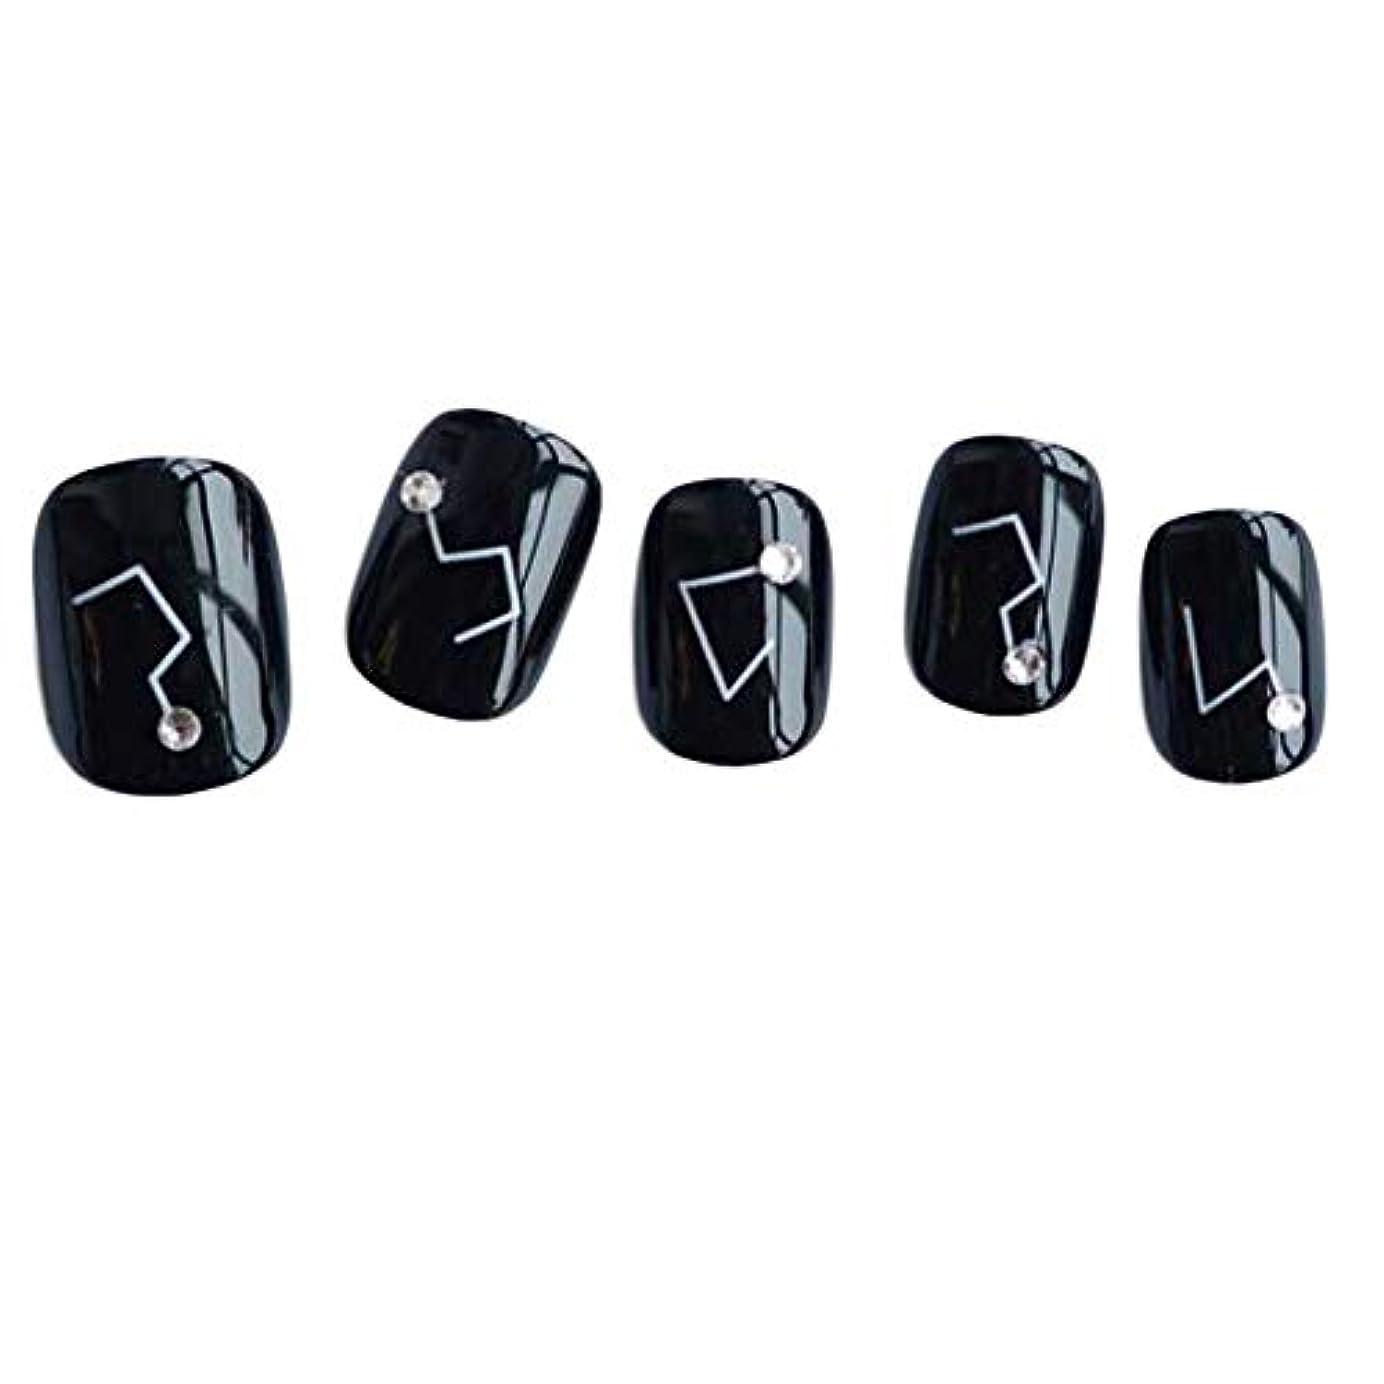 化学薬品安価な読書星座 - 黒い短い偽の指爪人工爪の装飾の爪のヒント